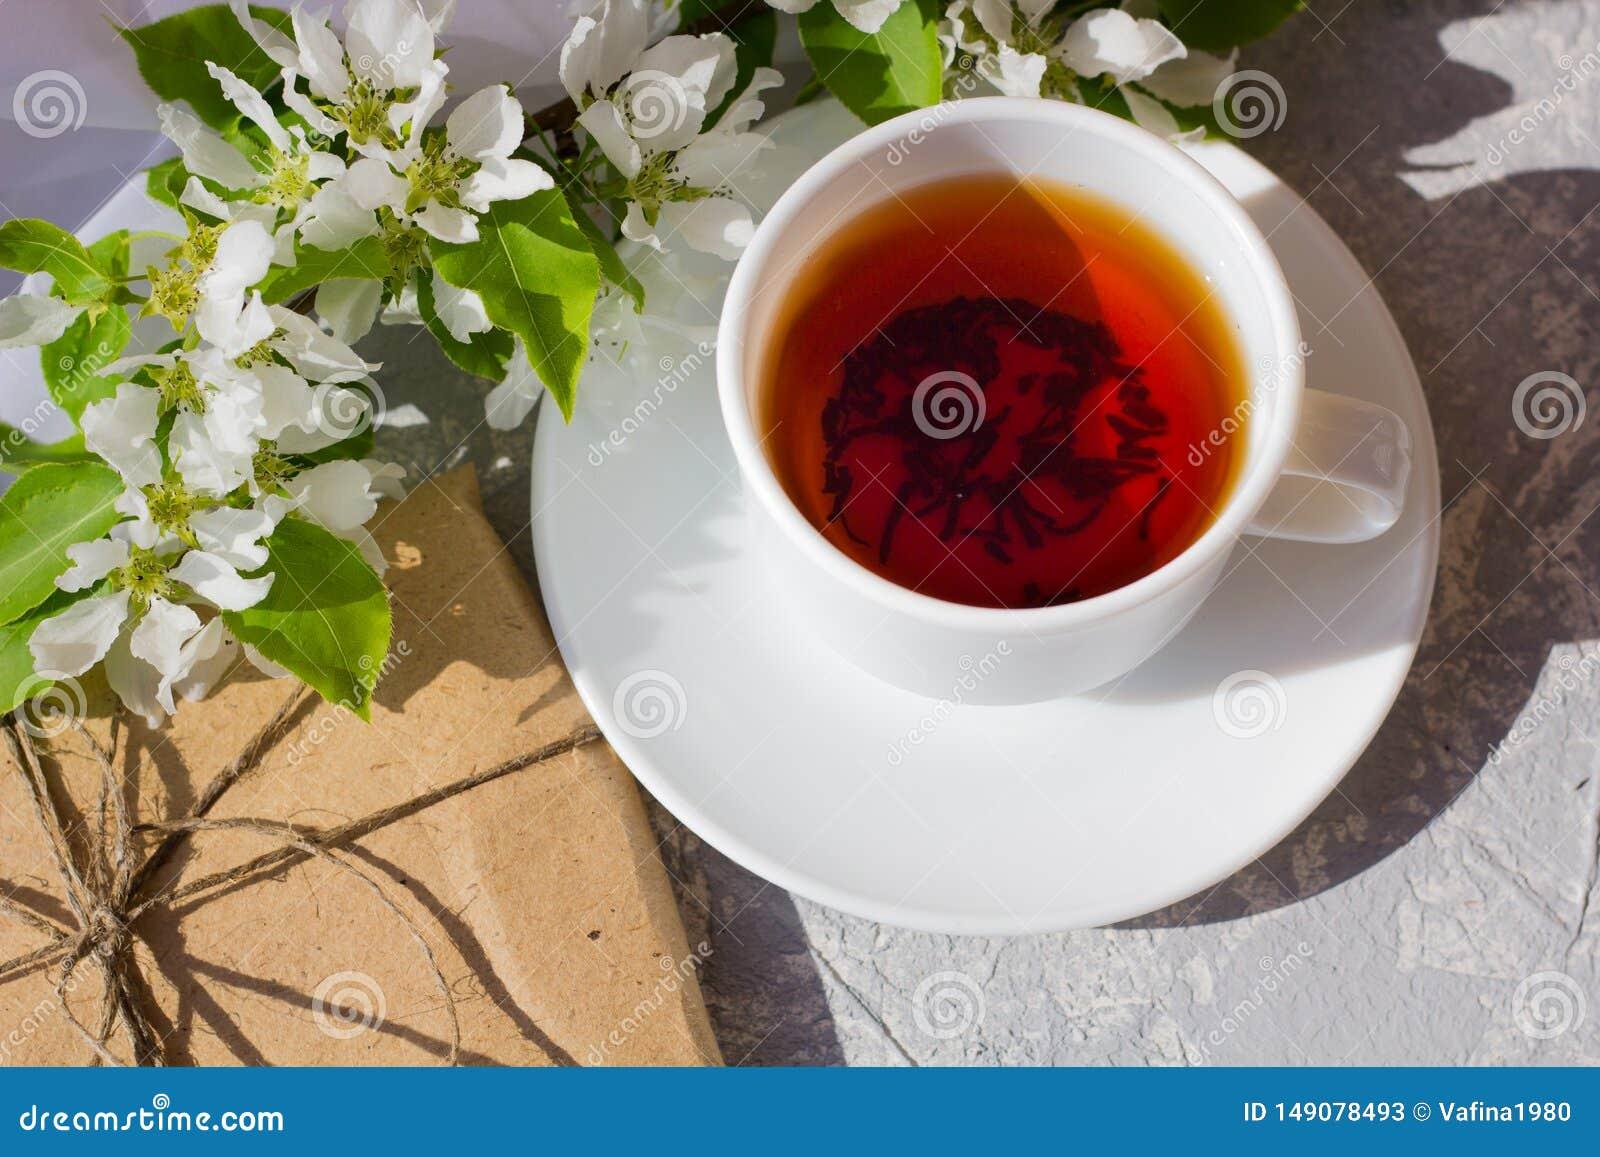 Χαλαρώνοντας χρόνος και ευτυχία με το φλυτζάνι του τσαγιού με μεταξύ του φρέσκου λουλουδιού άνοιξη